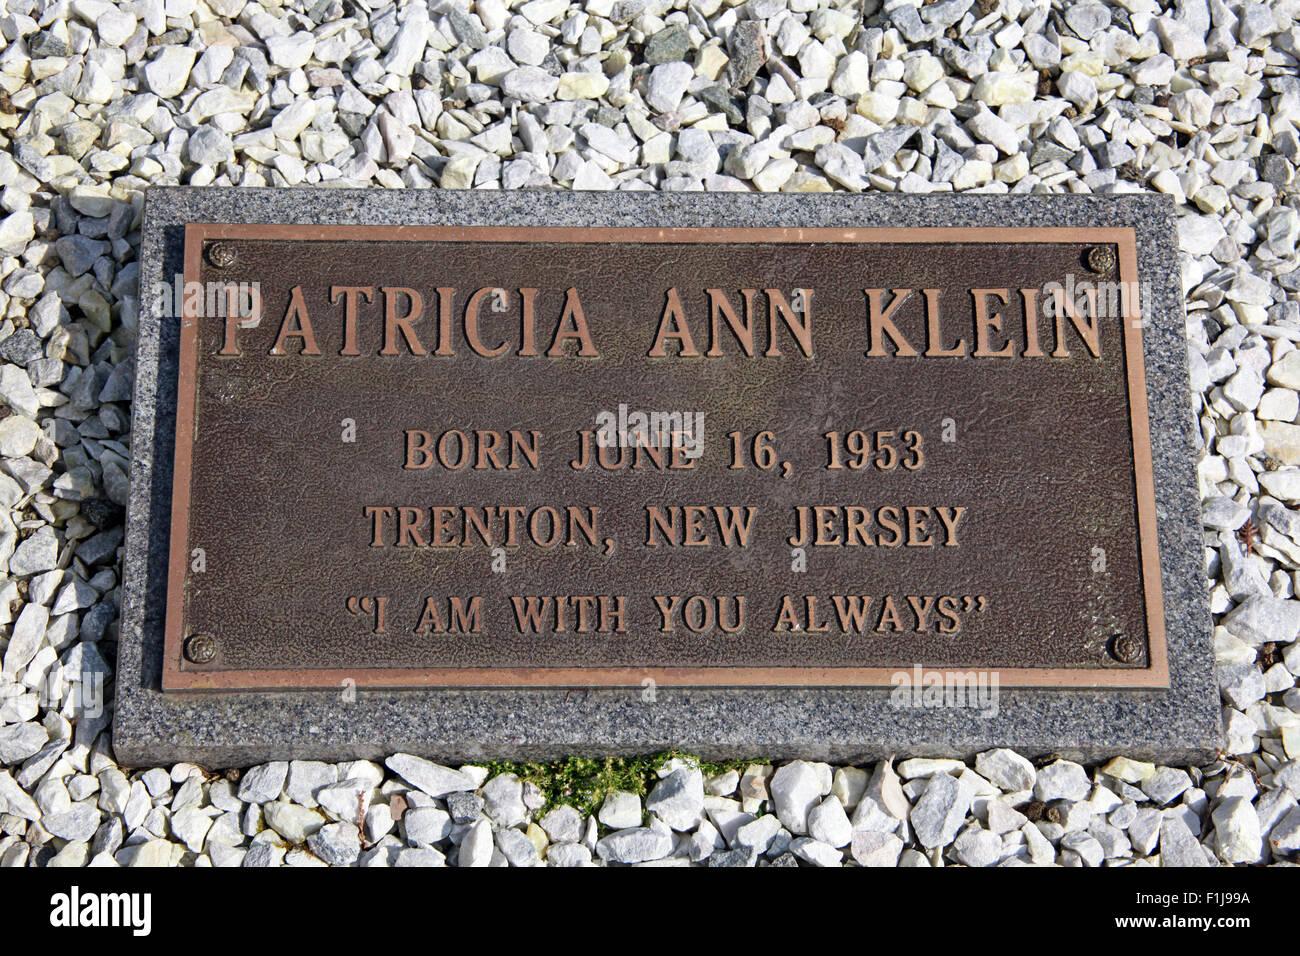 Laden Sie dieses Alamy Stockfoto Lockerbie PanAm103 In Erinnerung Memorial Patricia Ann Klein, Schottland - F1J99A